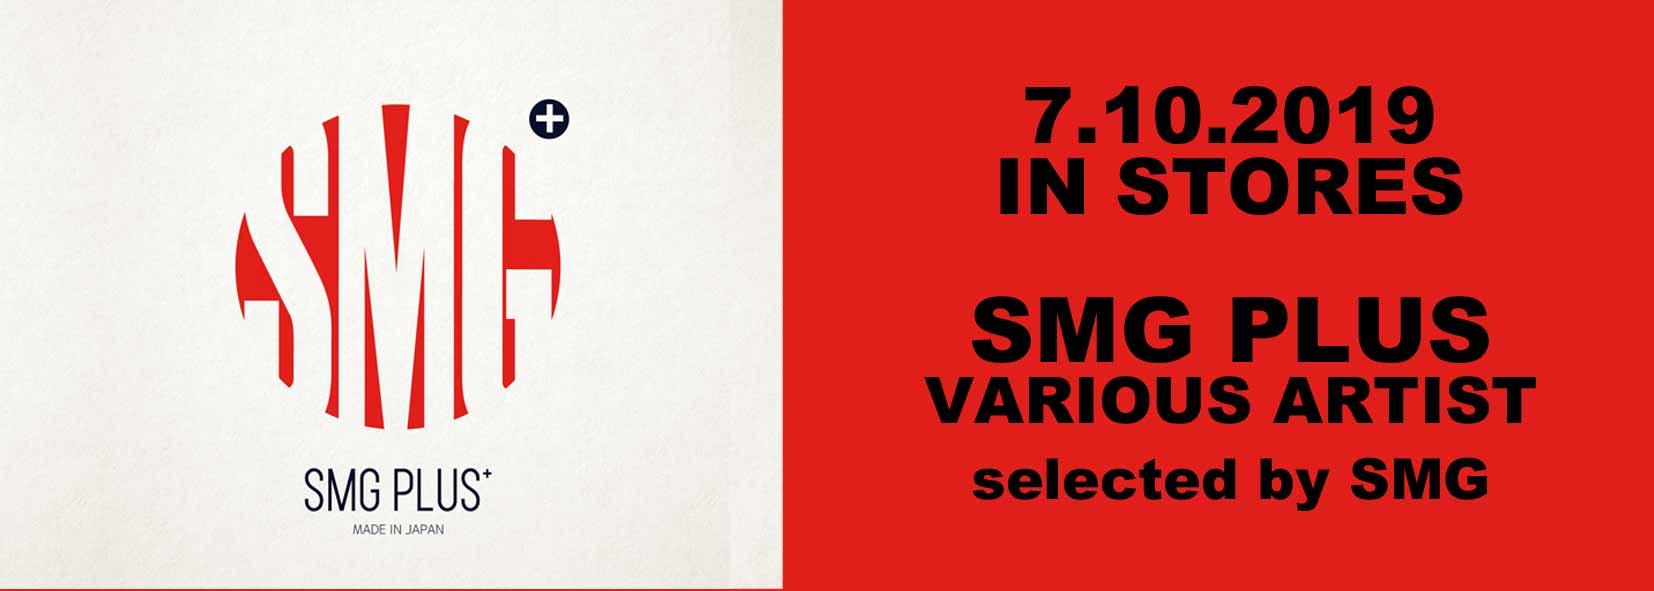 ジャパレゲ・レゲエMIXCD・レゲエCD・DVD 販売・通販オンラインショップ 3000円以上送料無料 | スライド画像